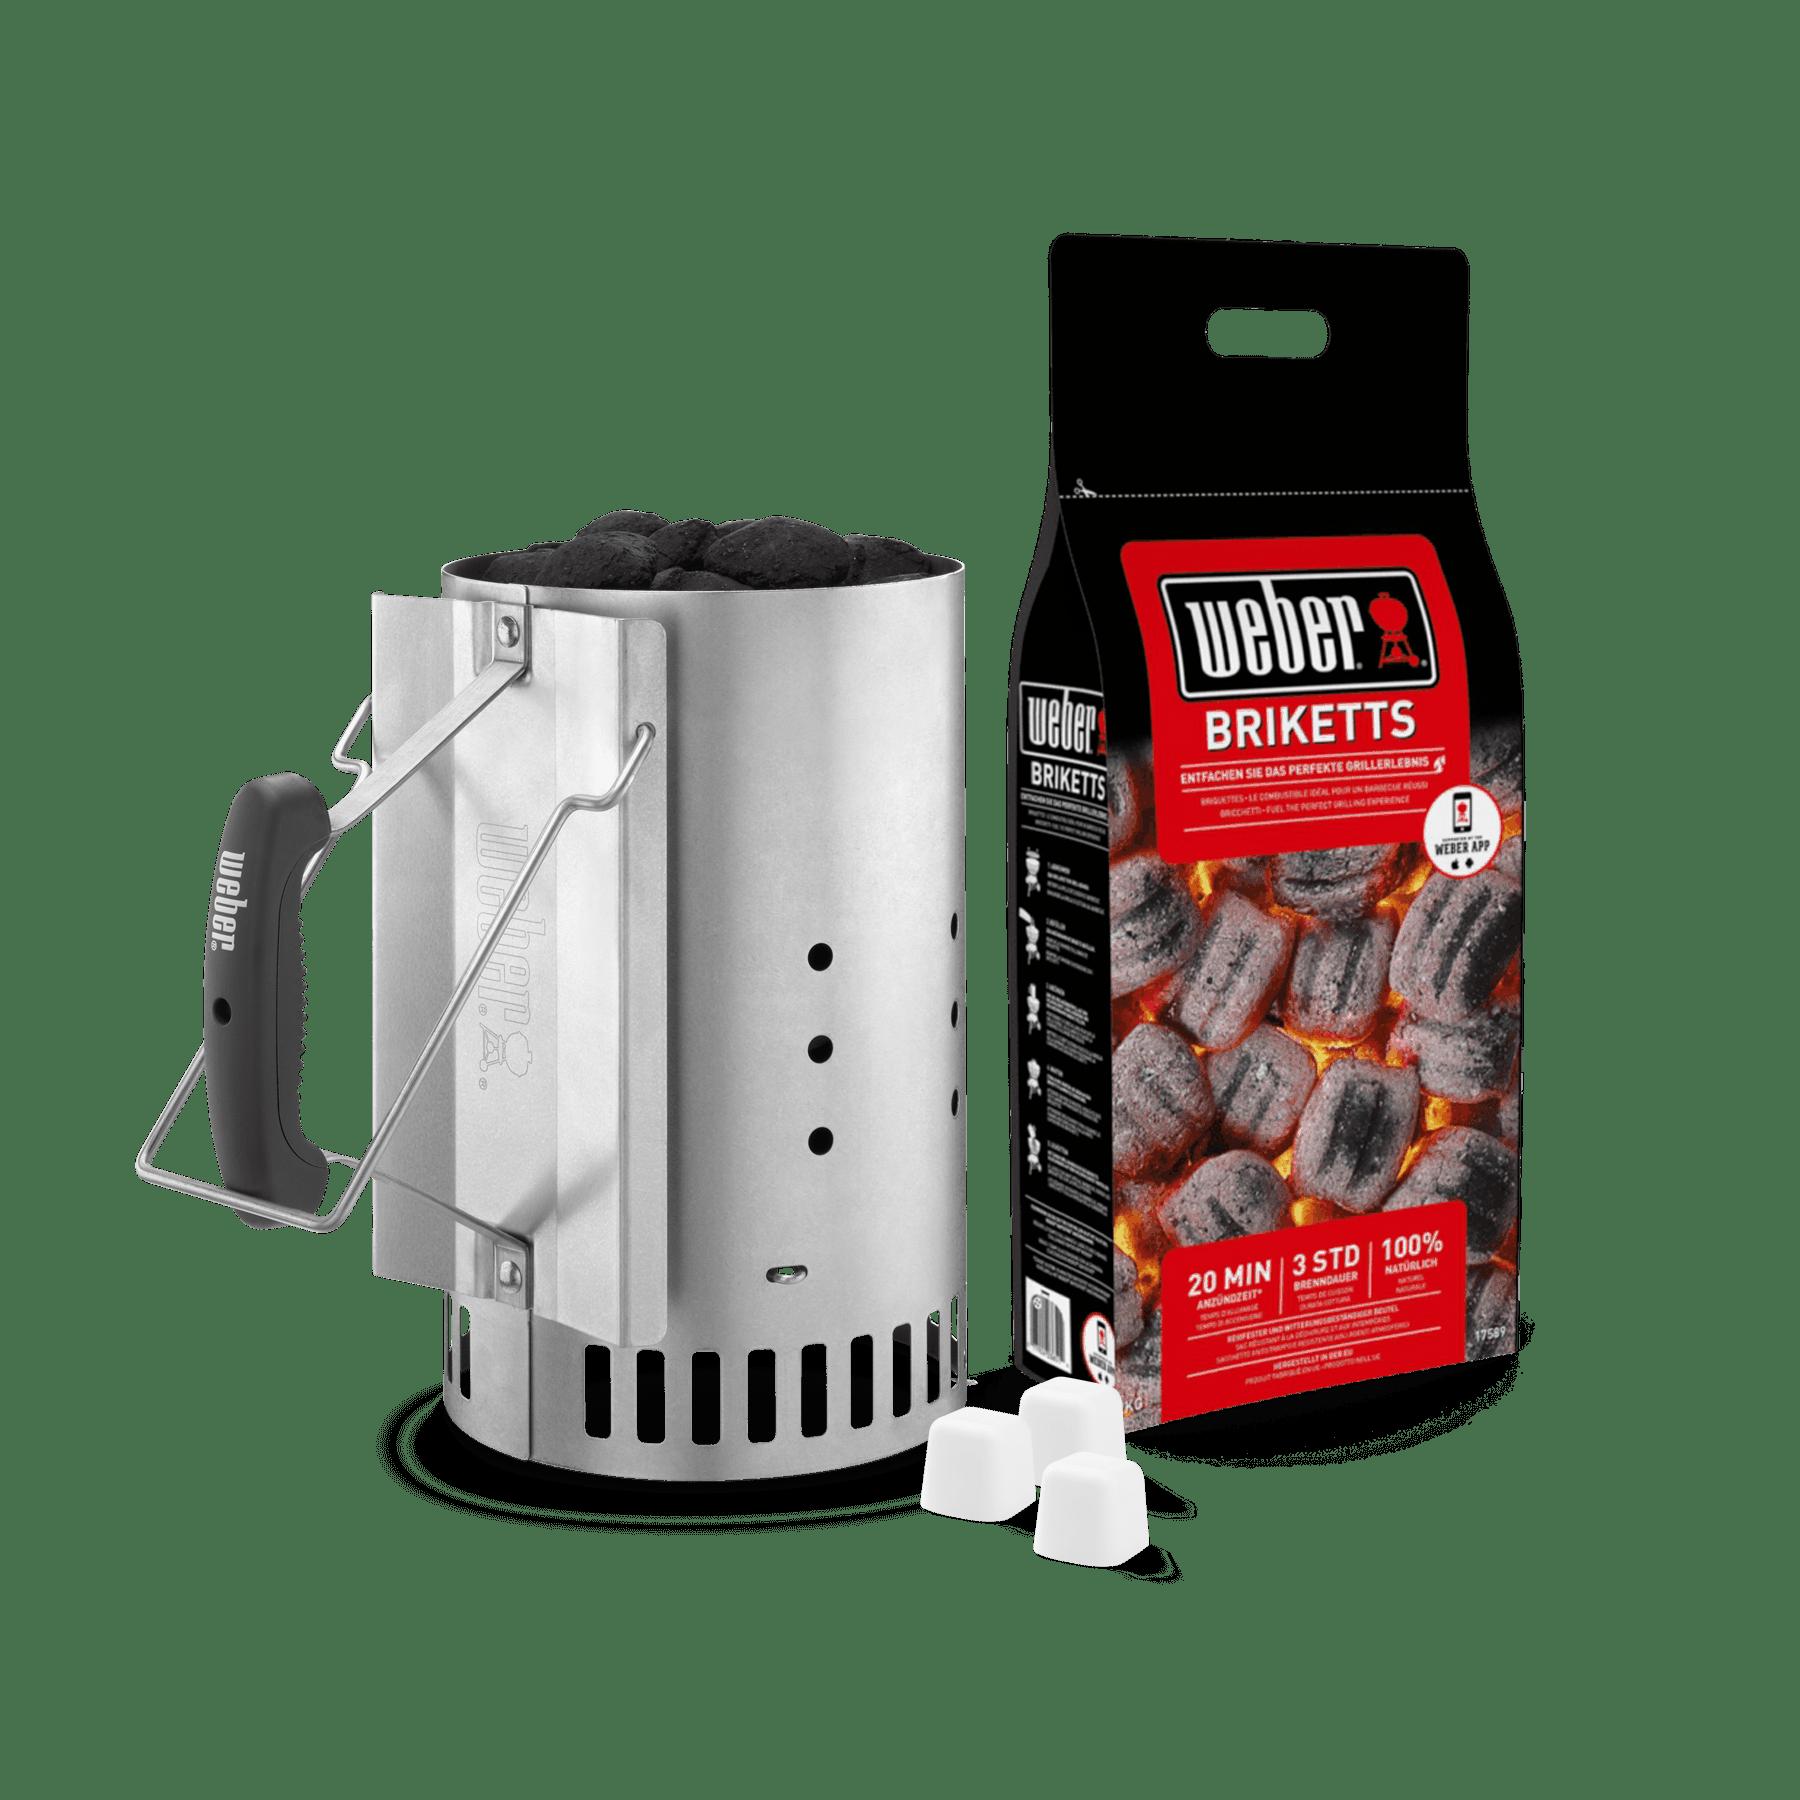 Kit cheminée d'allumage Rapidfire